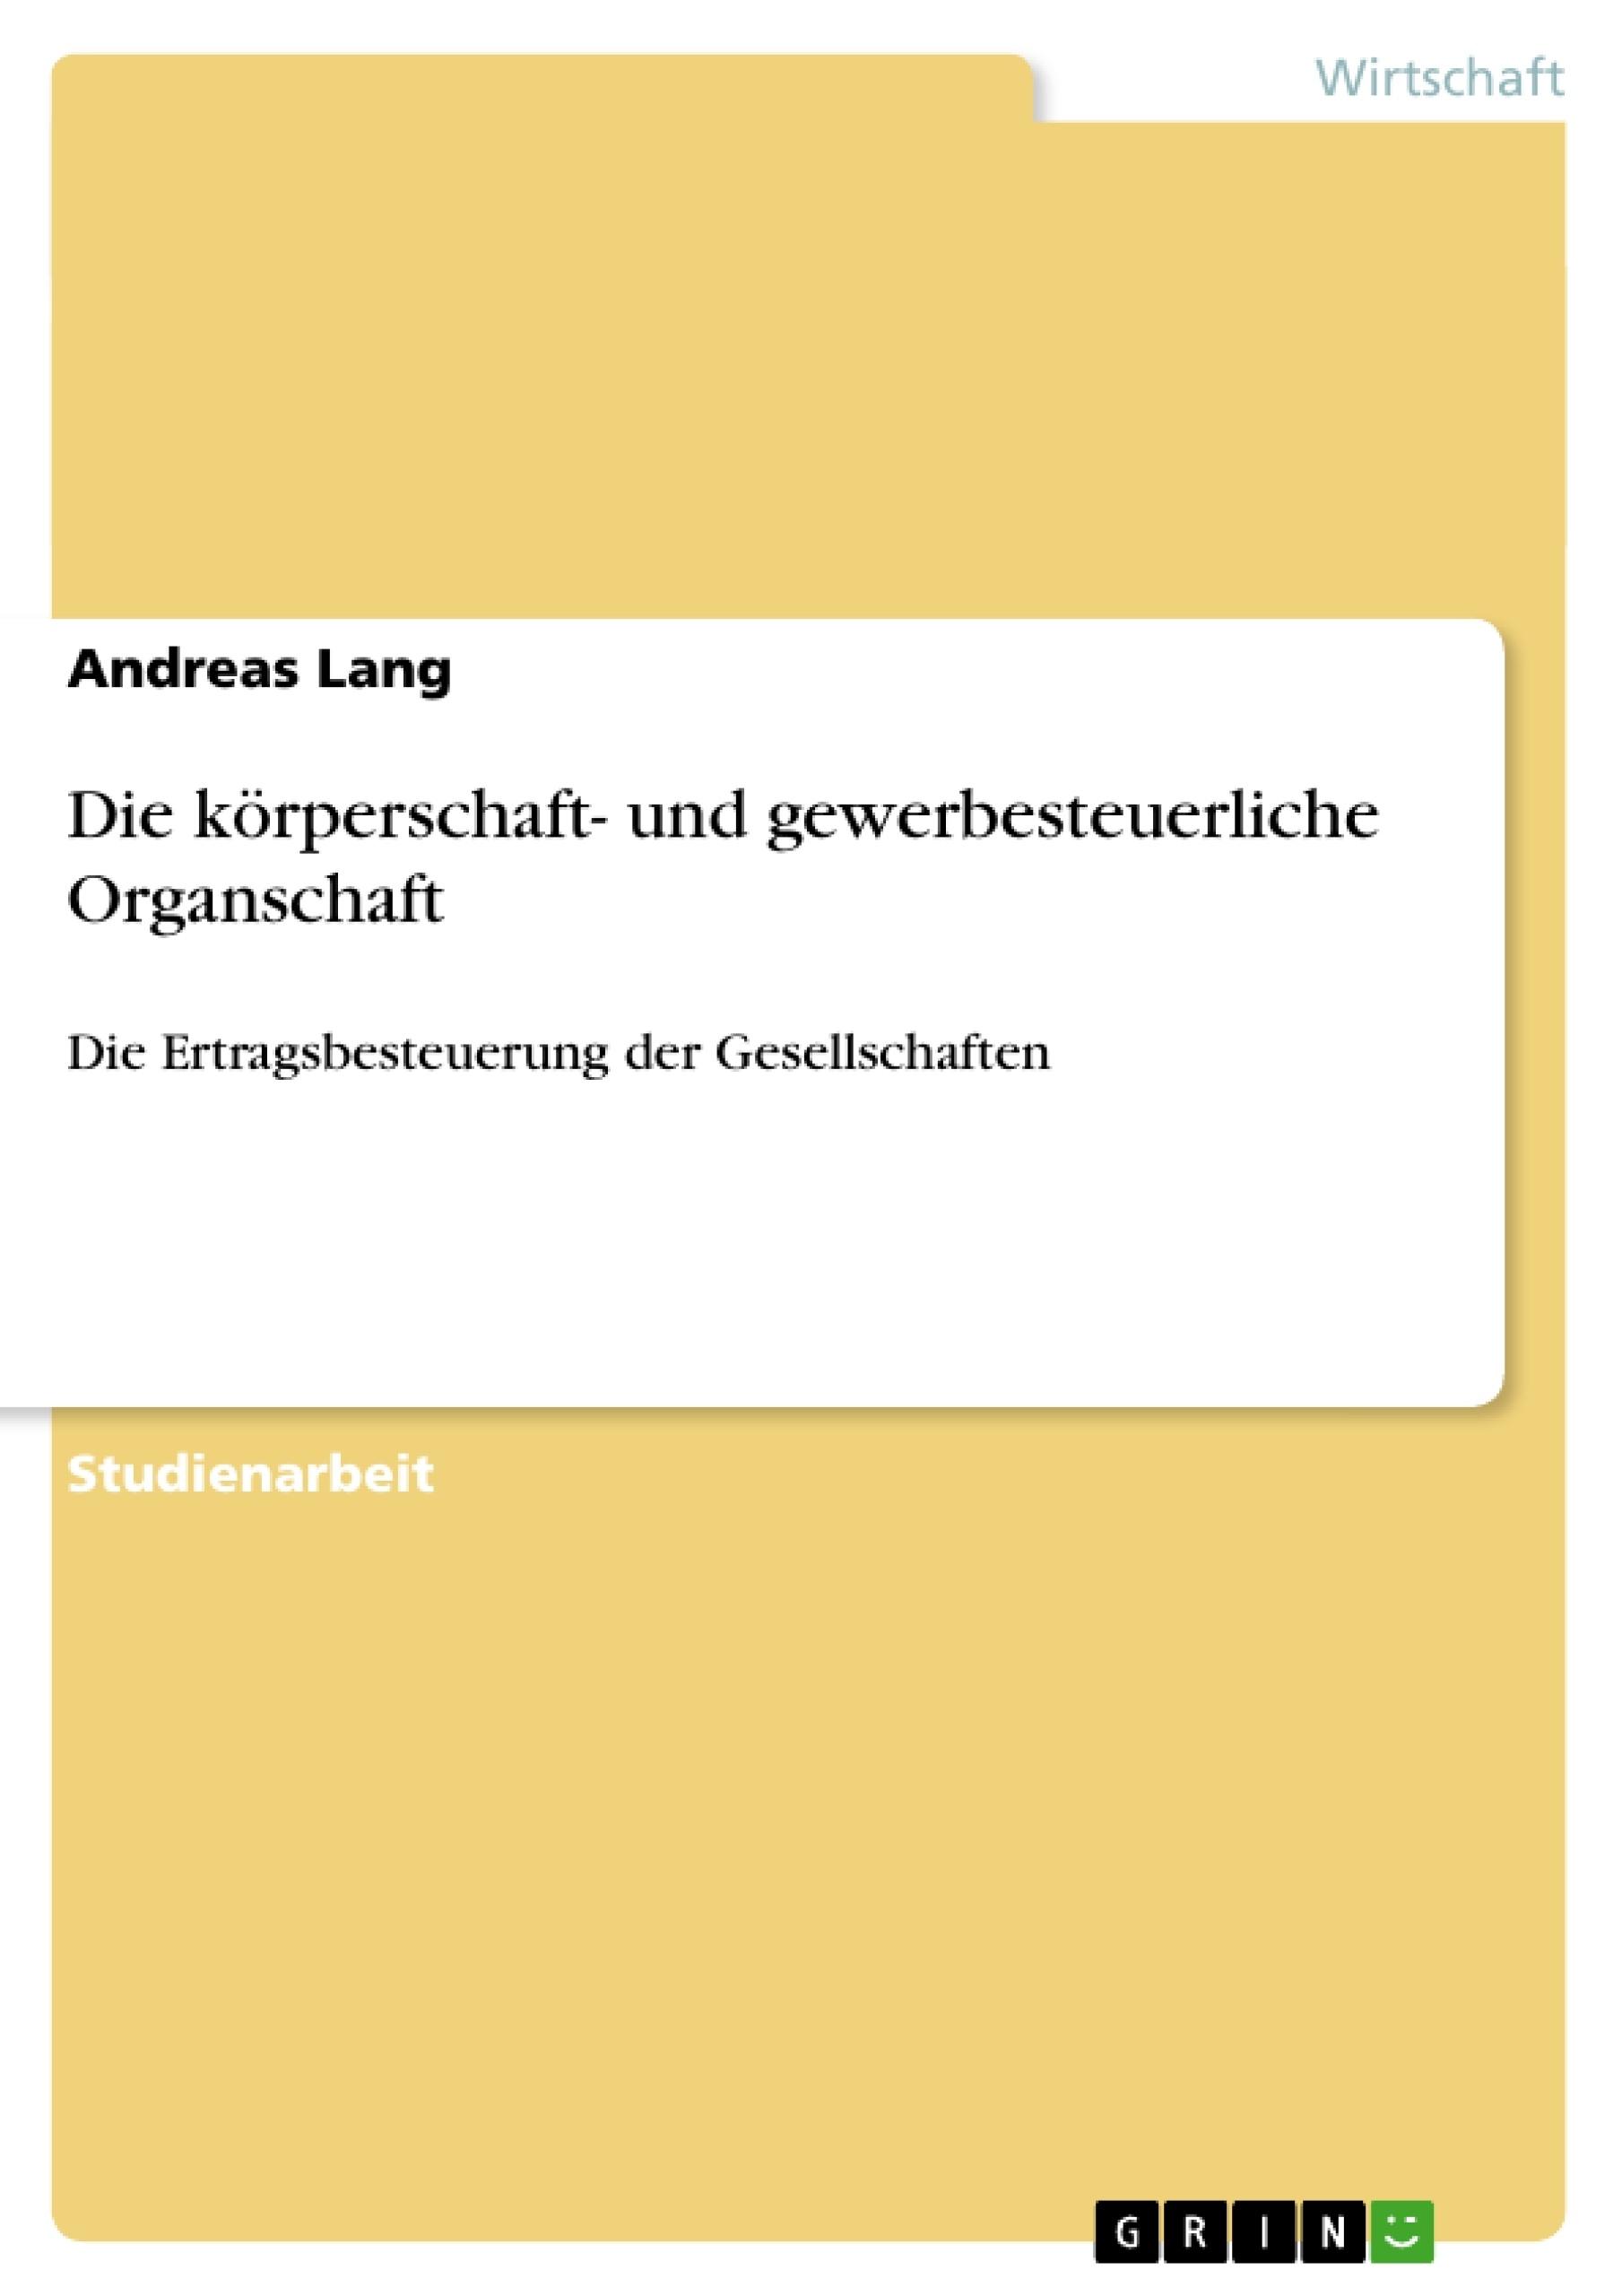 Titel: Die körperschaft- und gewerbesteuerliche Organschaft